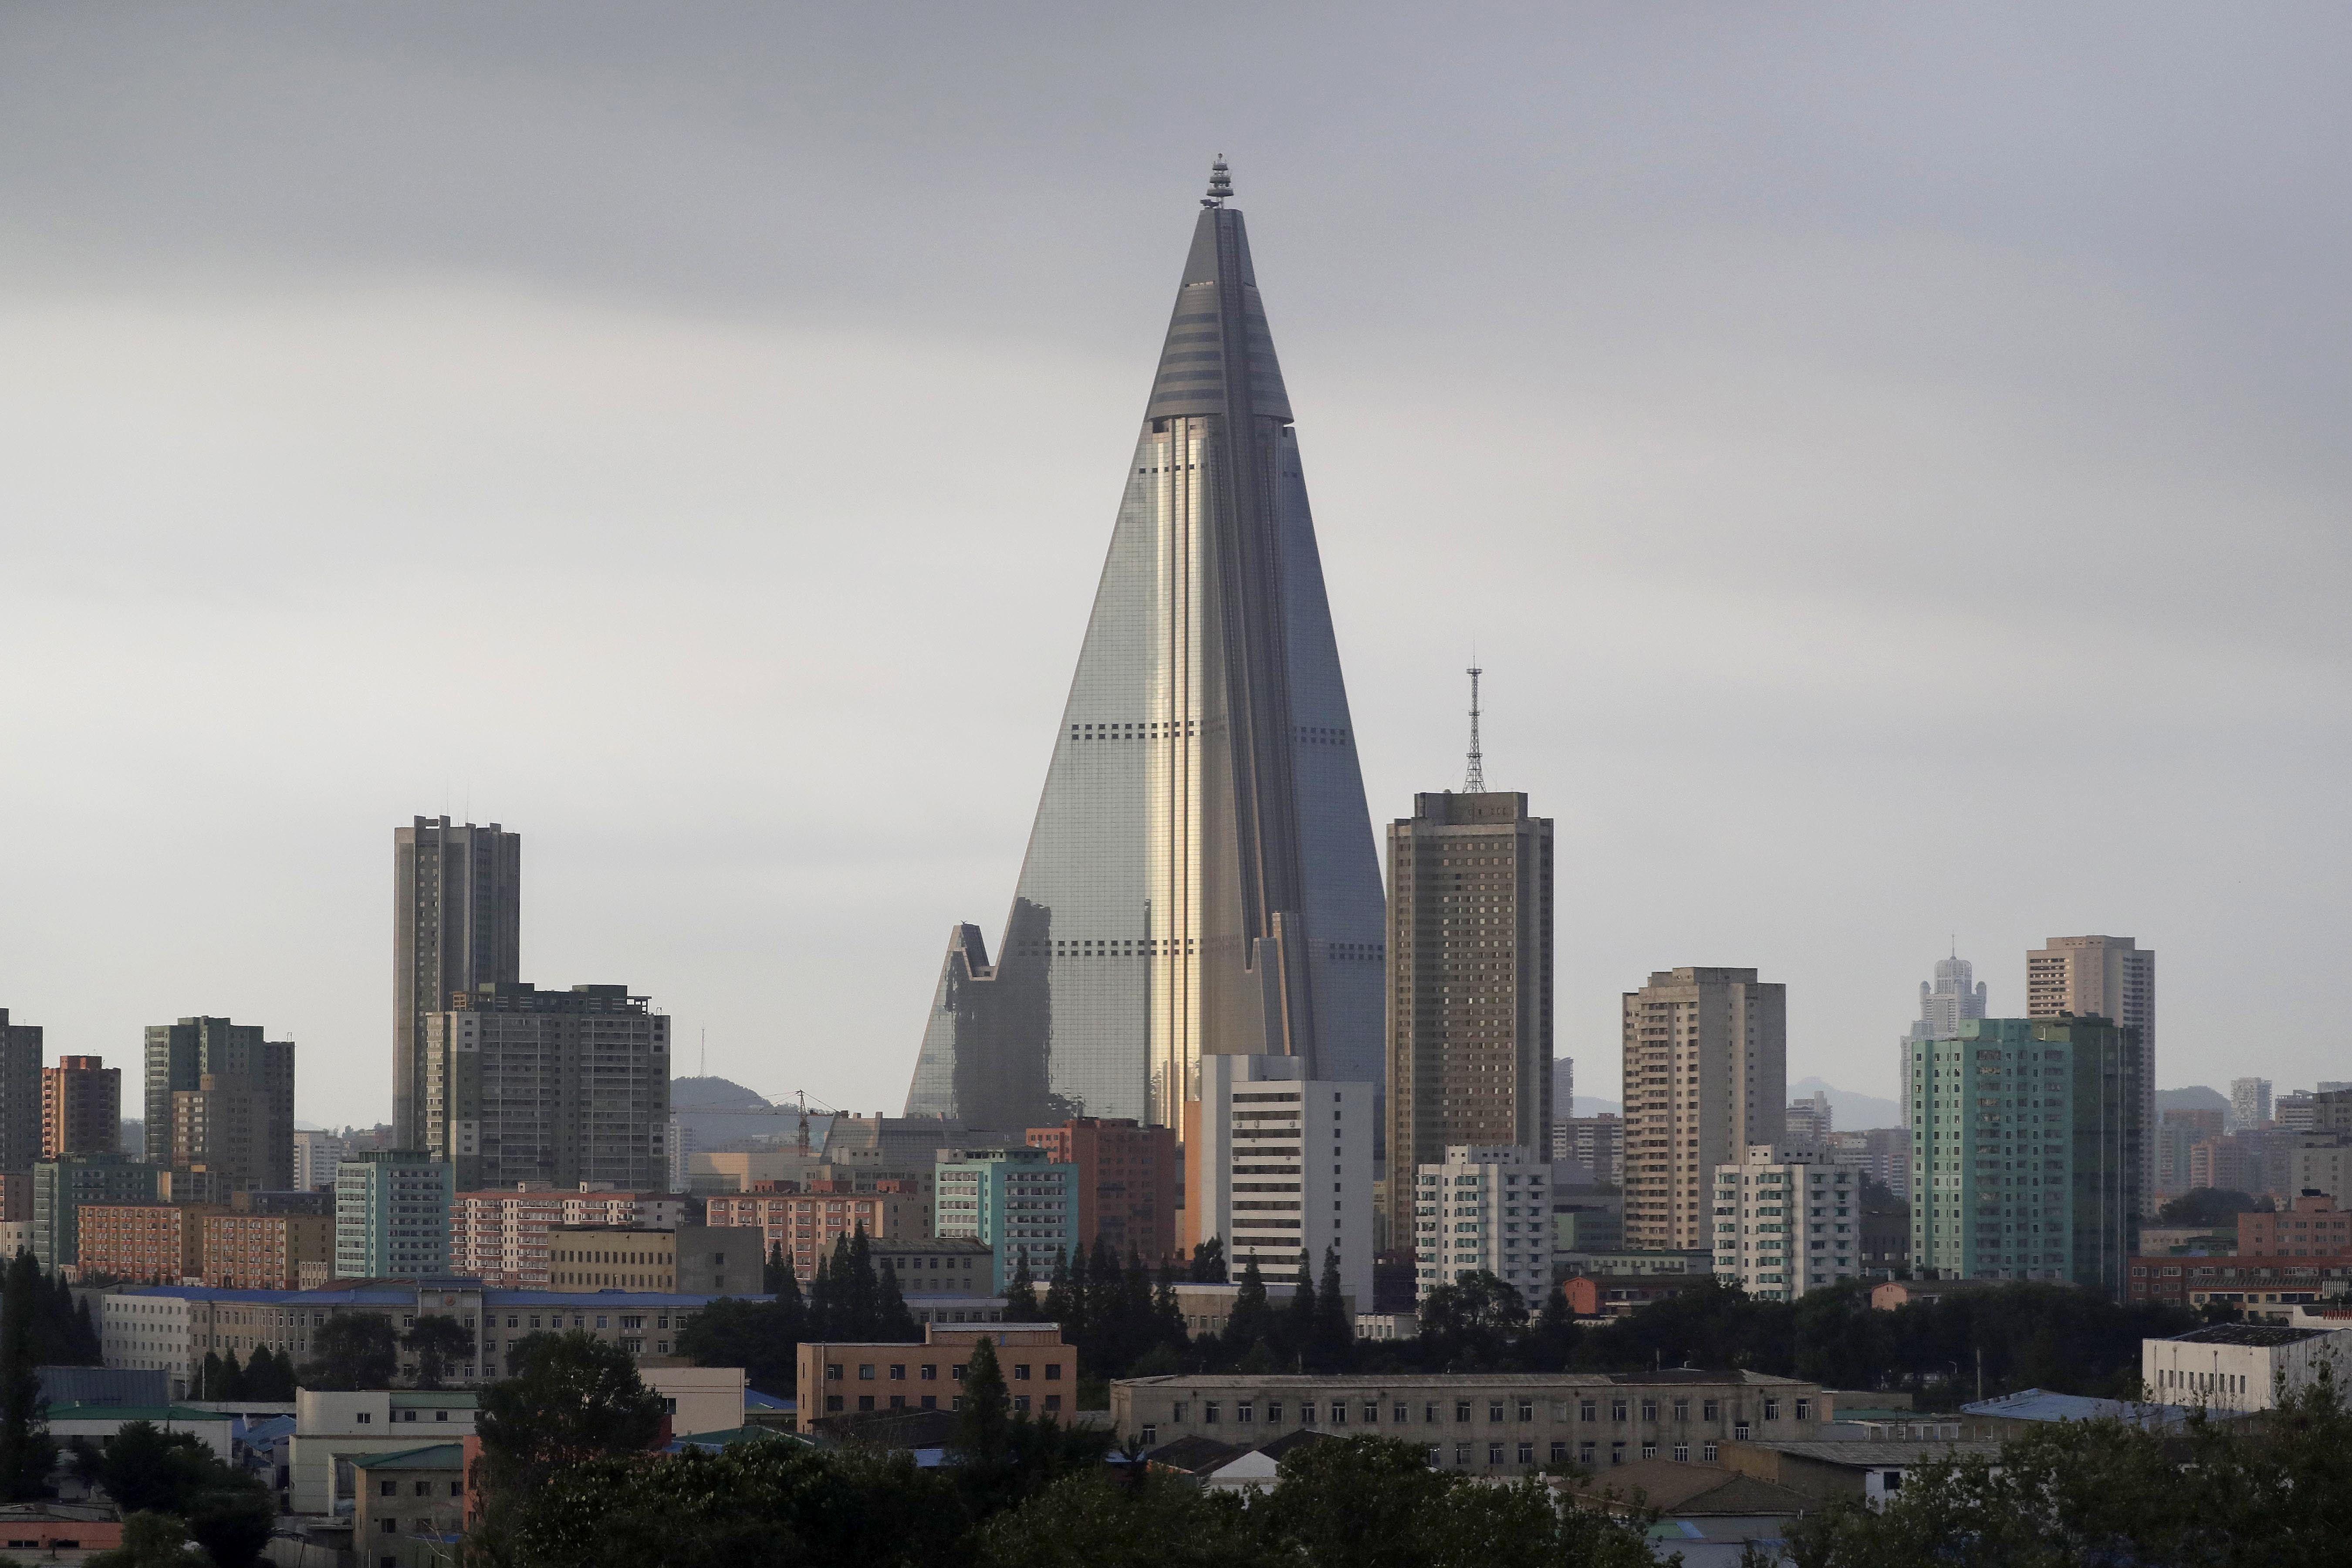 готель північна корея